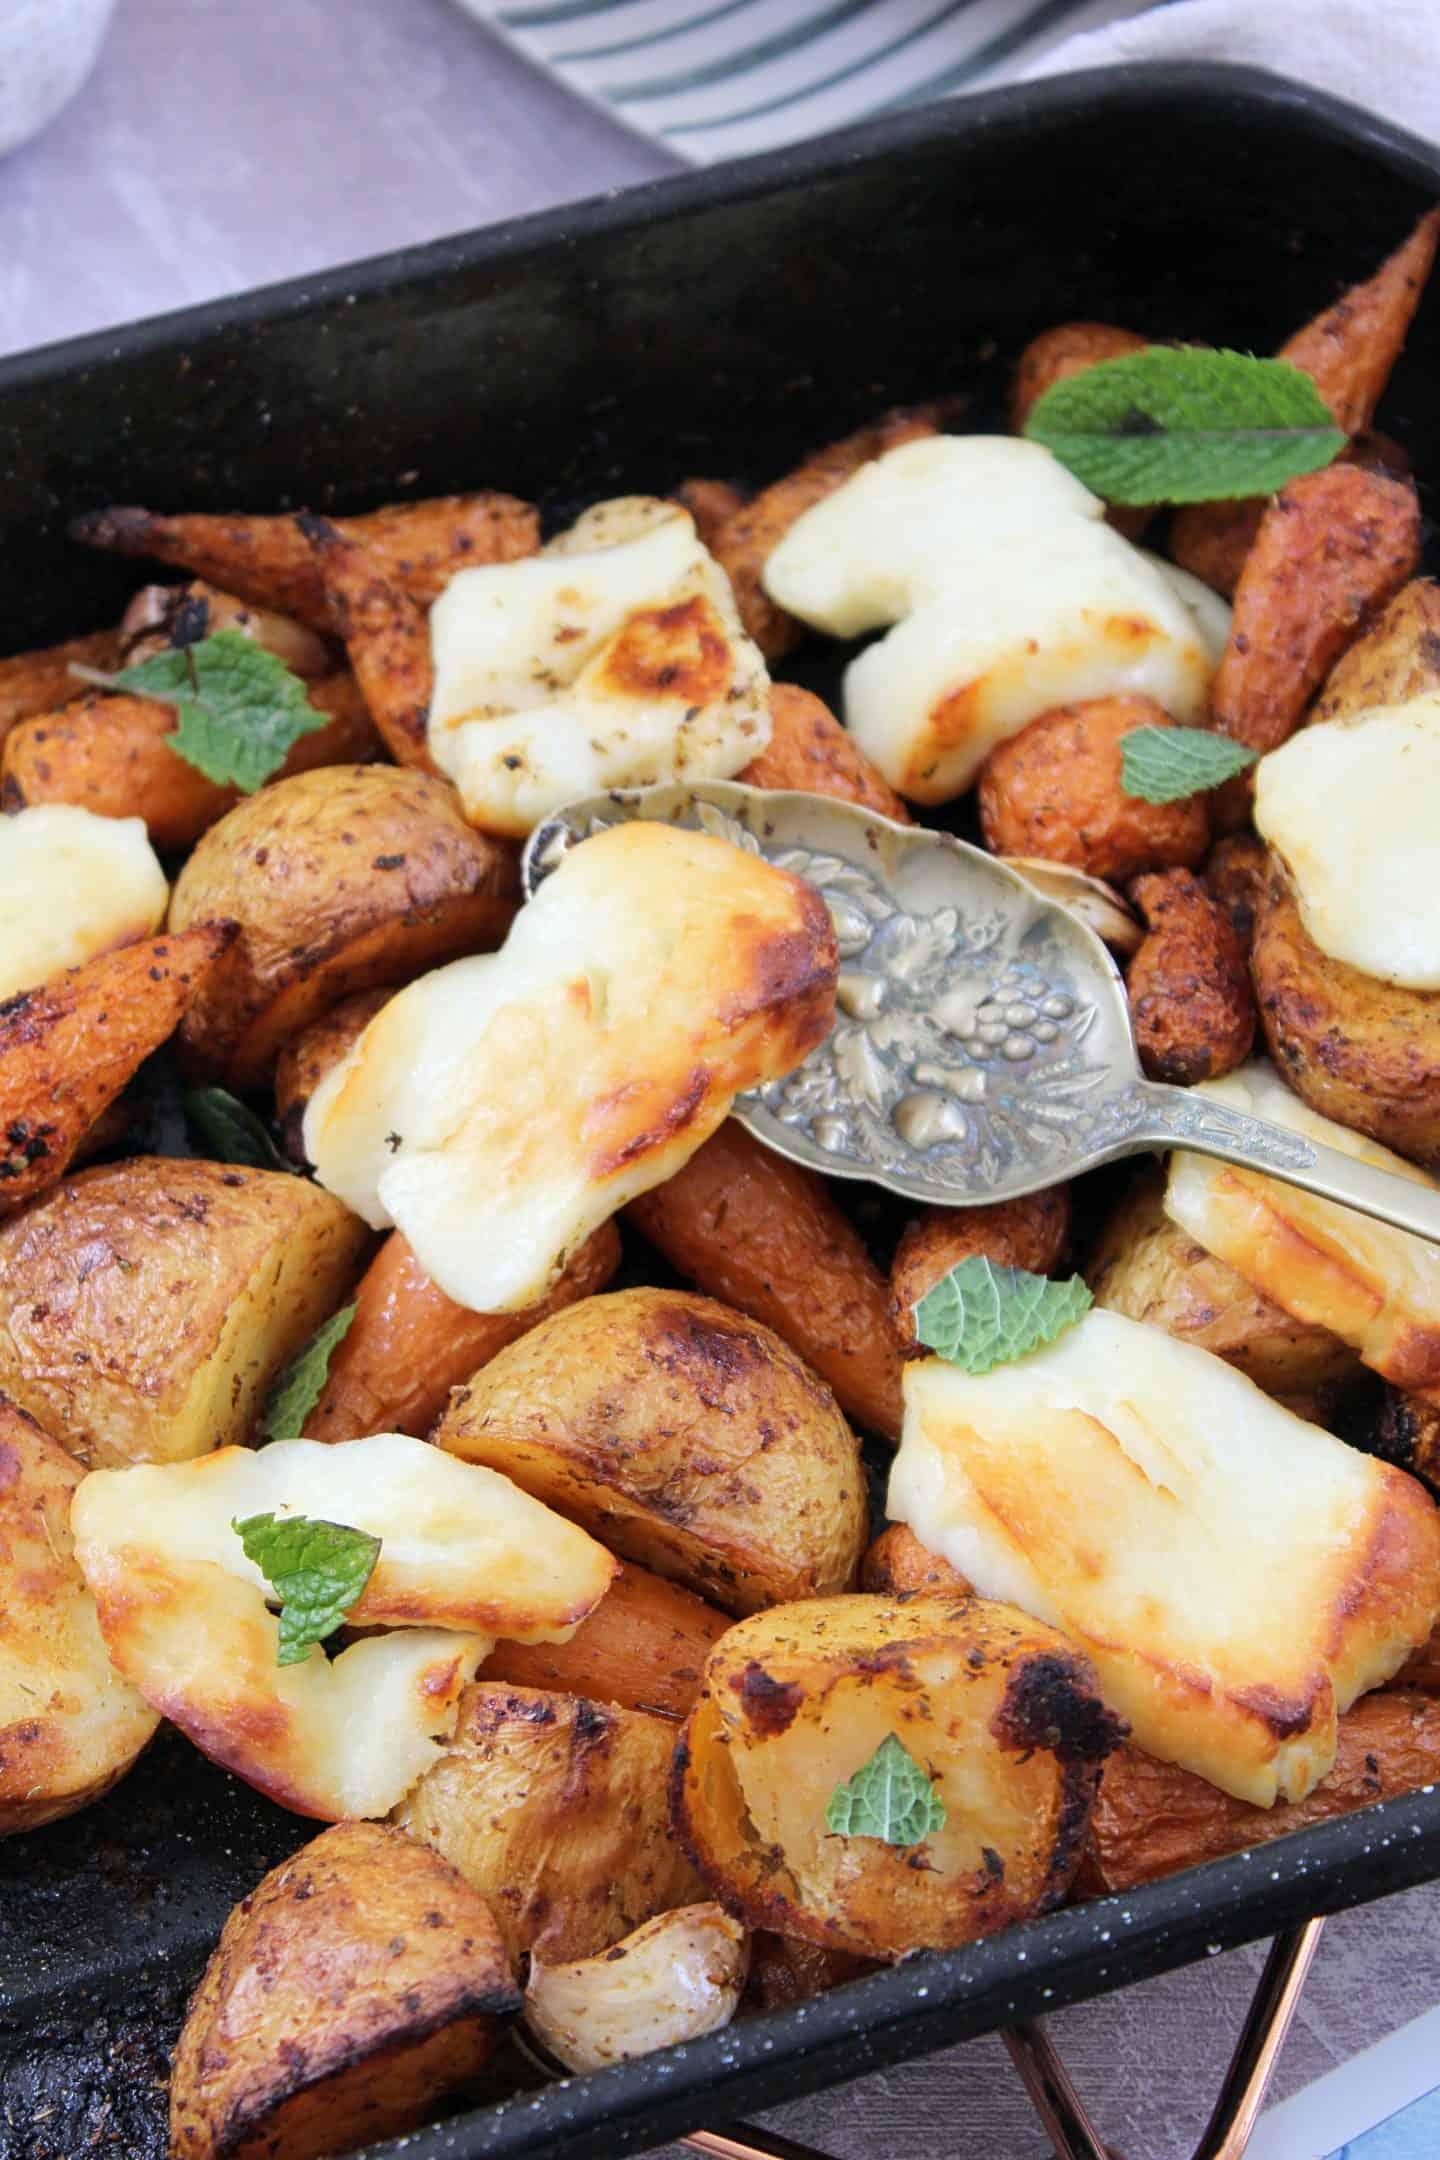 roasted halloumi traybake gluten free